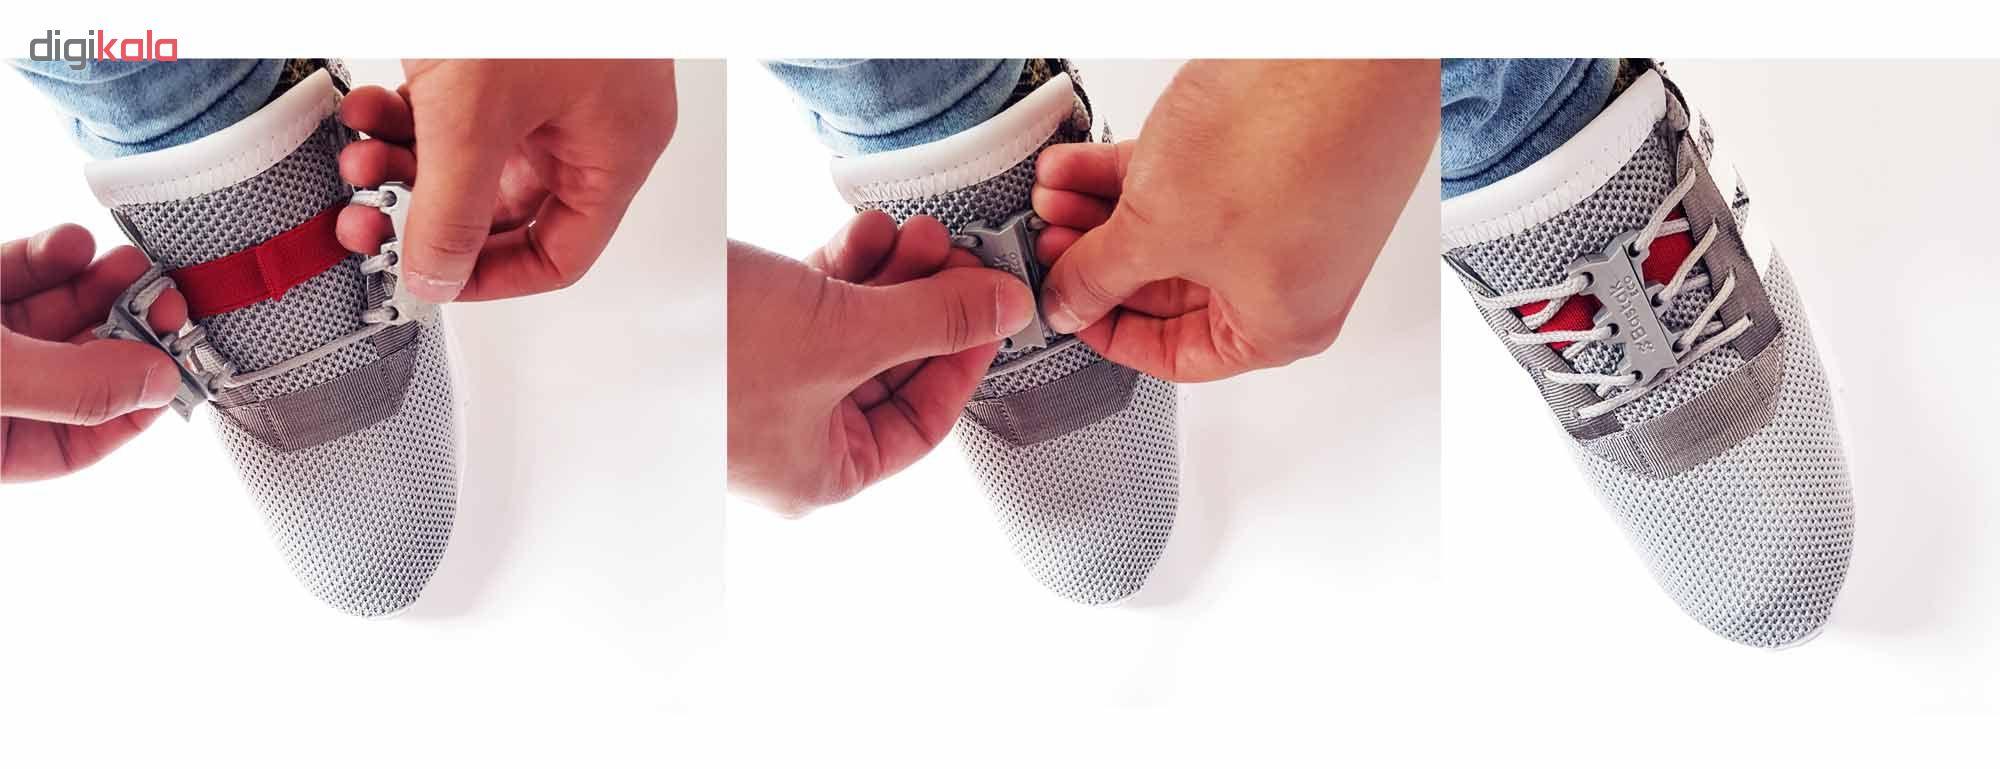 بند کفش مغناطیسی بستاک مدل اِکو E112 رنگ قهوه ای main 1 15